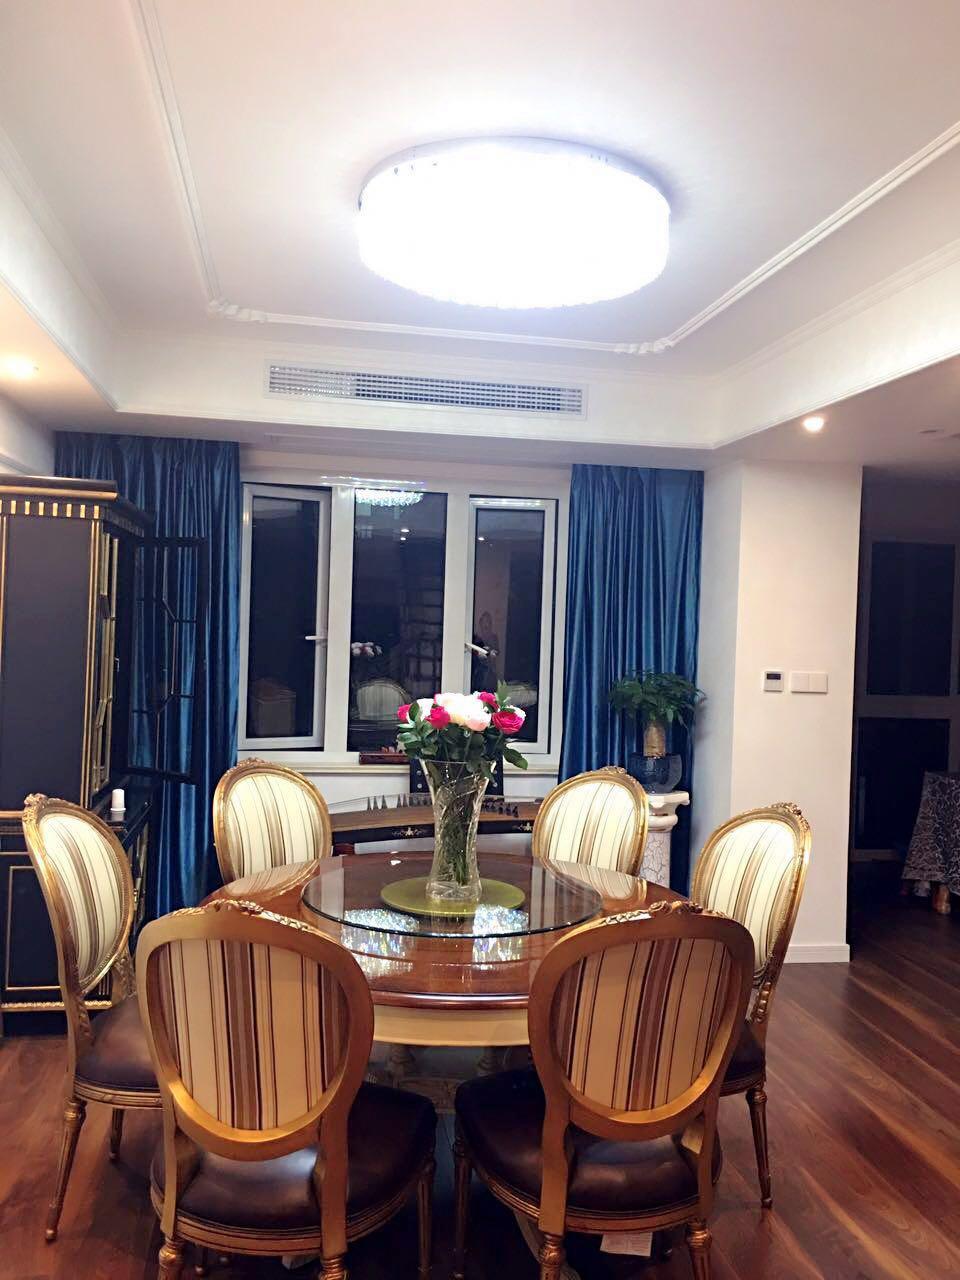 装修入住阶段_弥漫着古典色彩的在上海的家 专业有规划的装修之旅_图片2